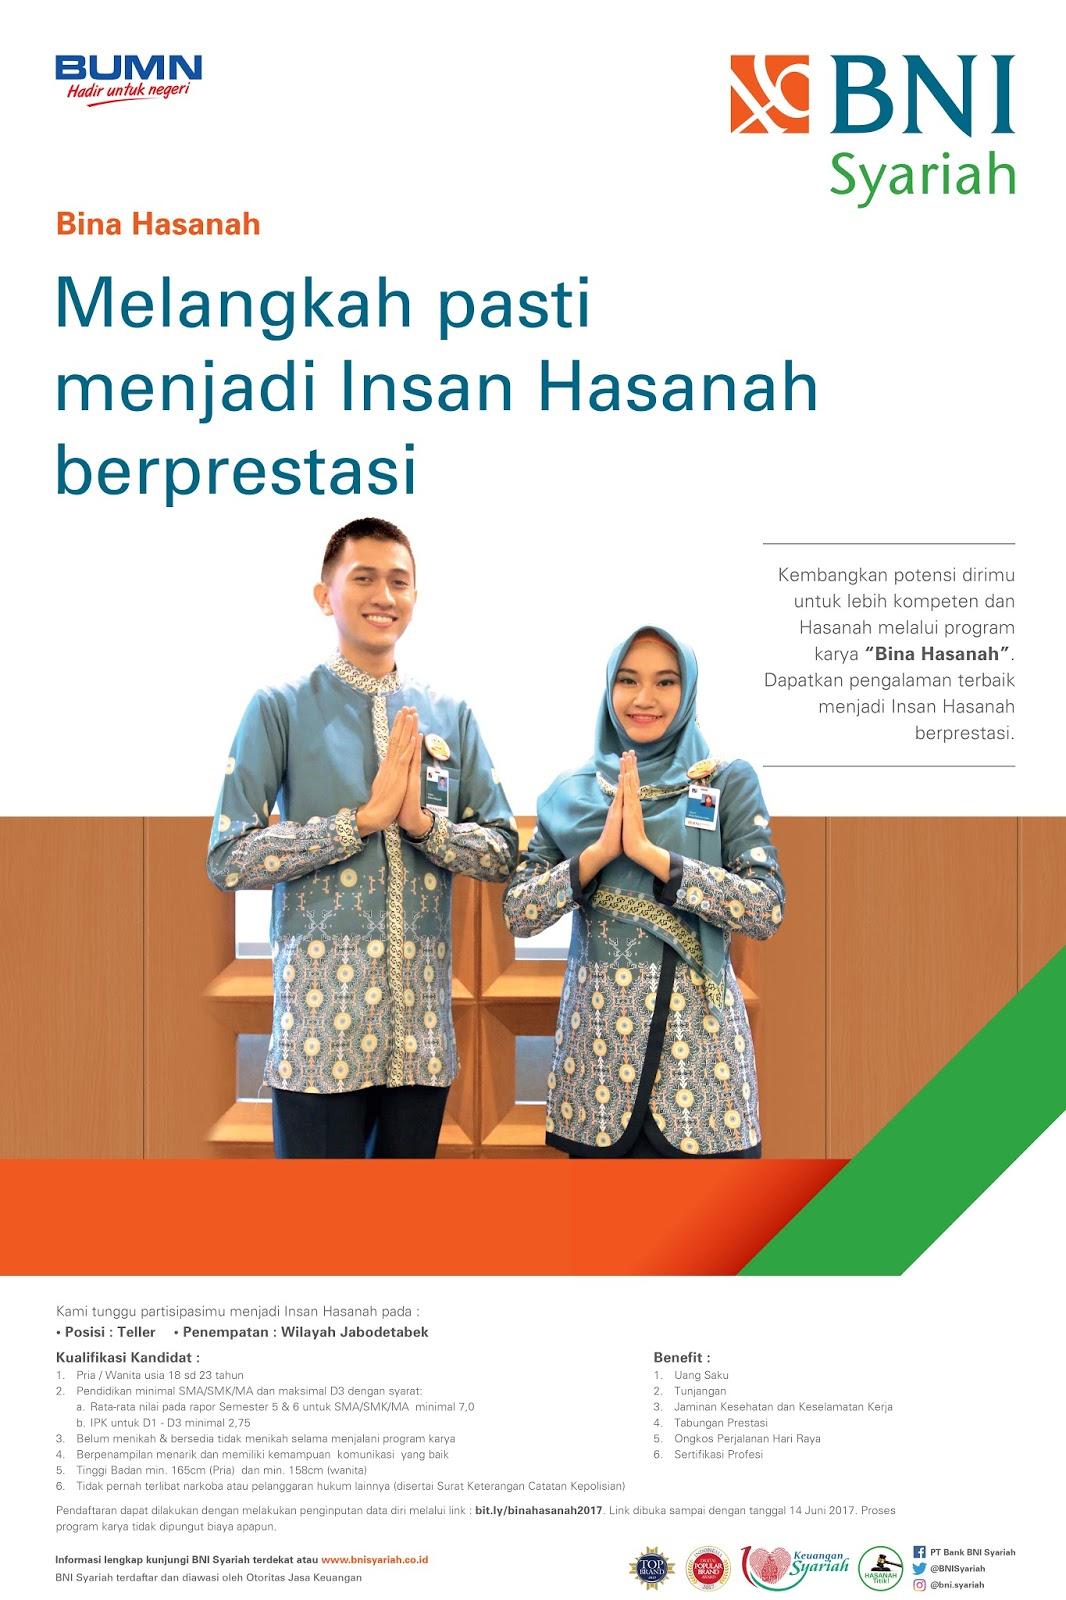 Lowongan Kerja Bina Hasanah Bank BNI Syariah Juni 2017